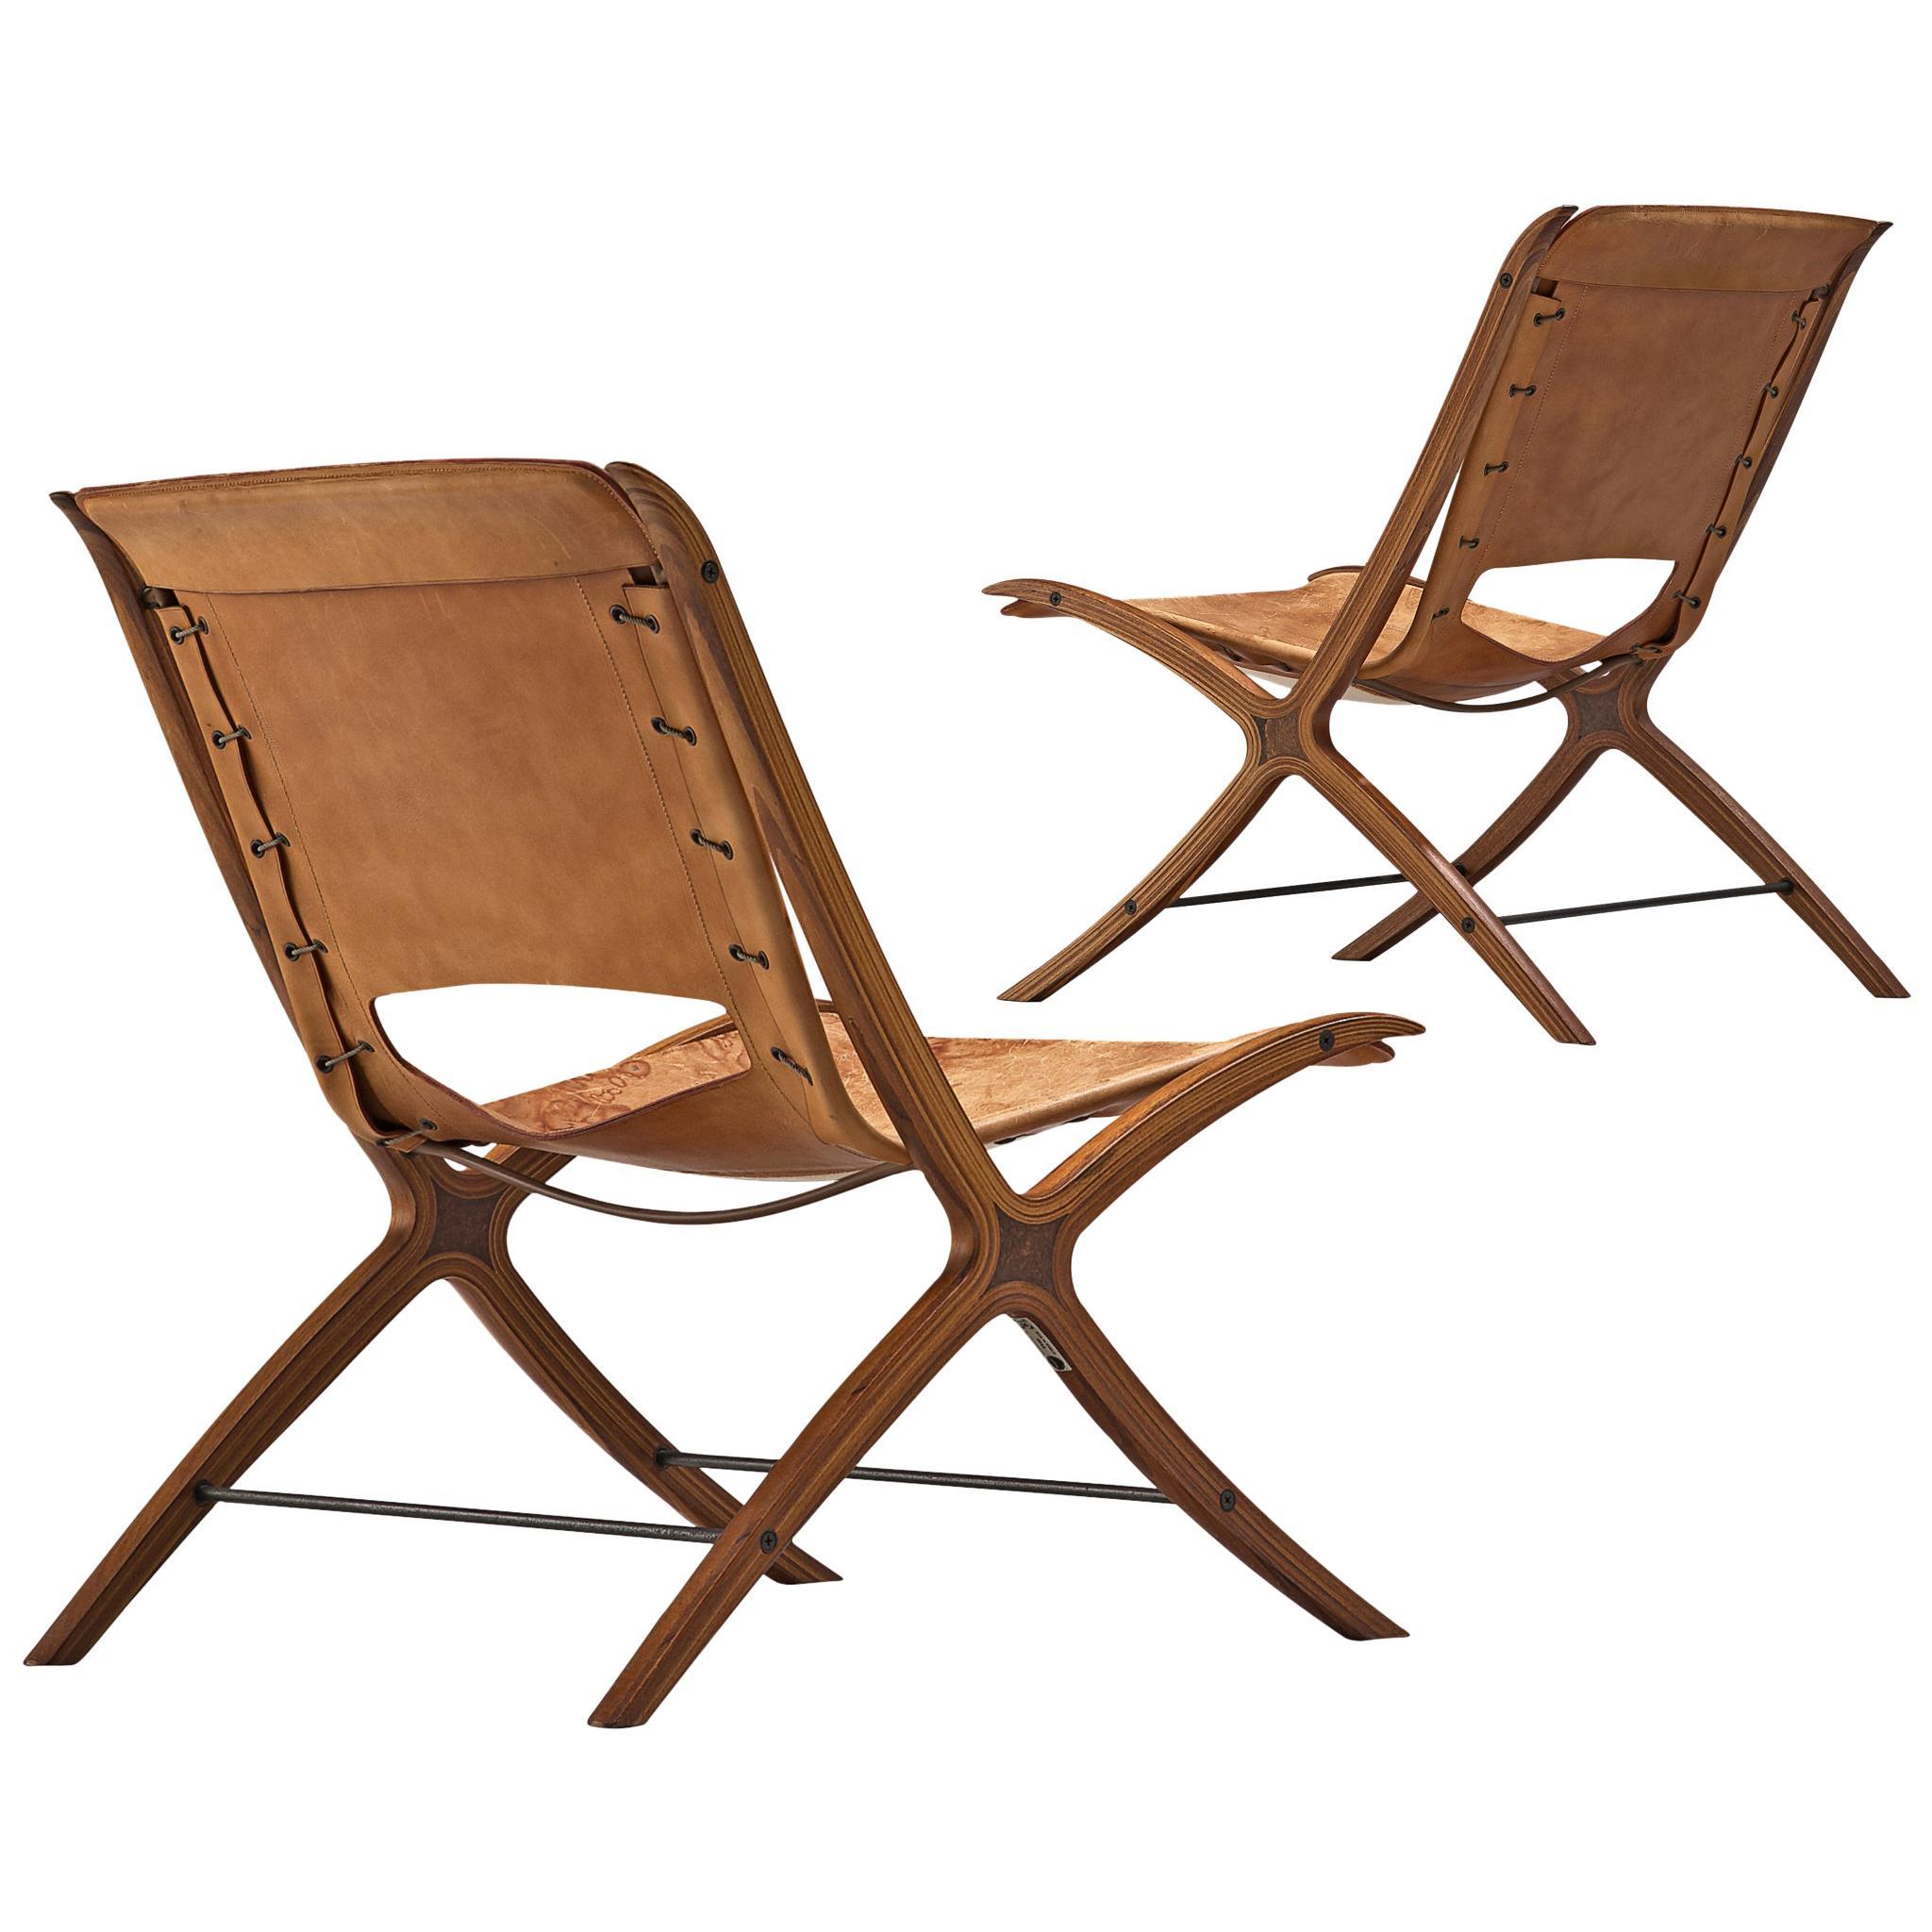 Peter Hvidt & Orla Mølgaard Nielsen Pair of 'X-Chairs' in Cognac Leather